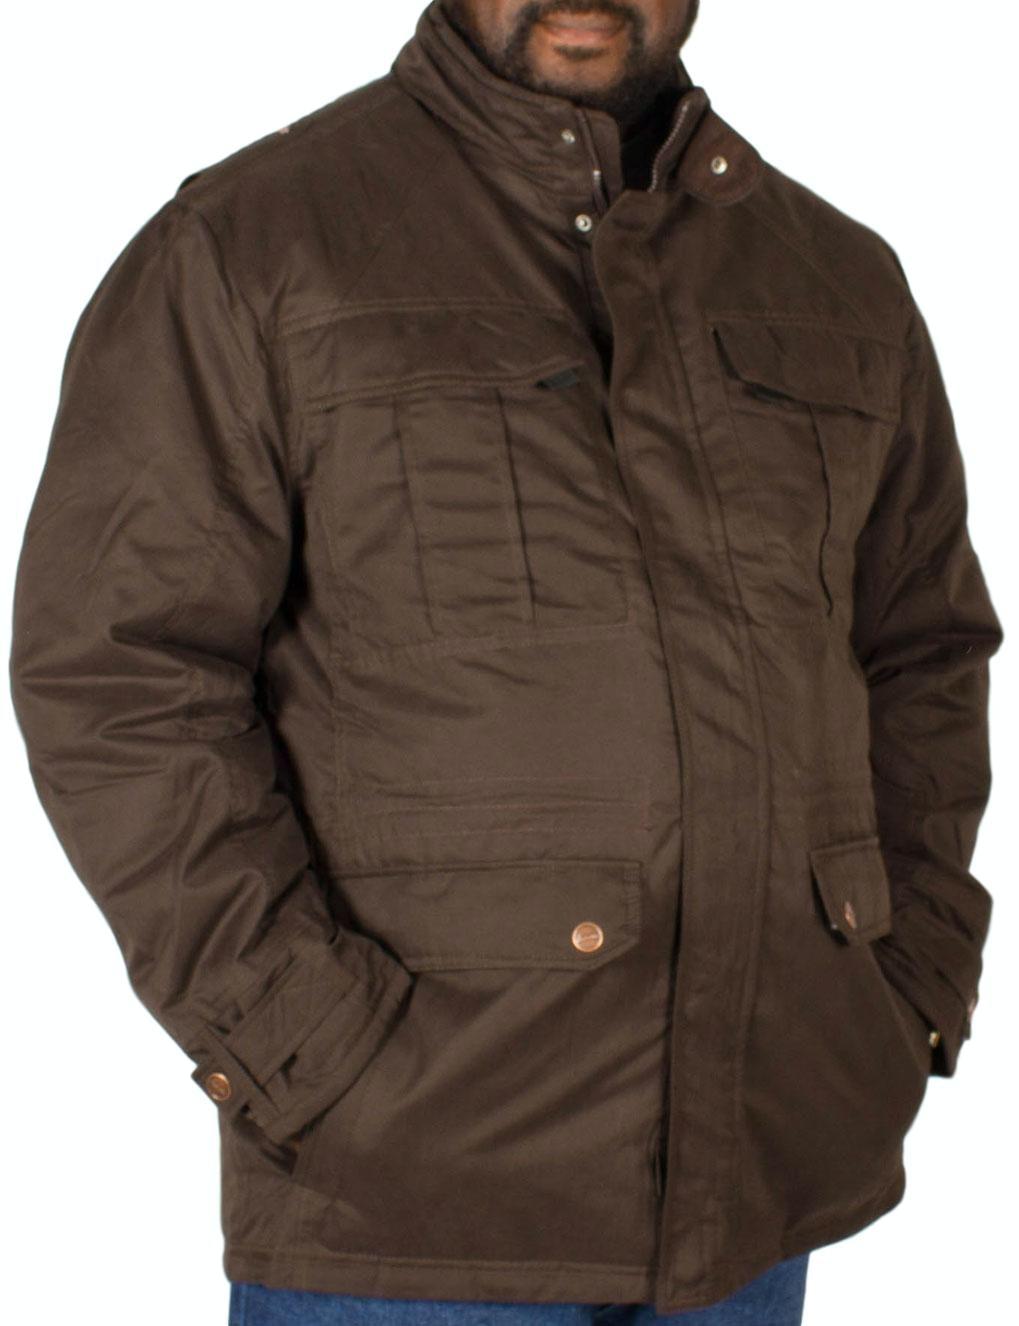 KAM Padded Suede Coat Brown